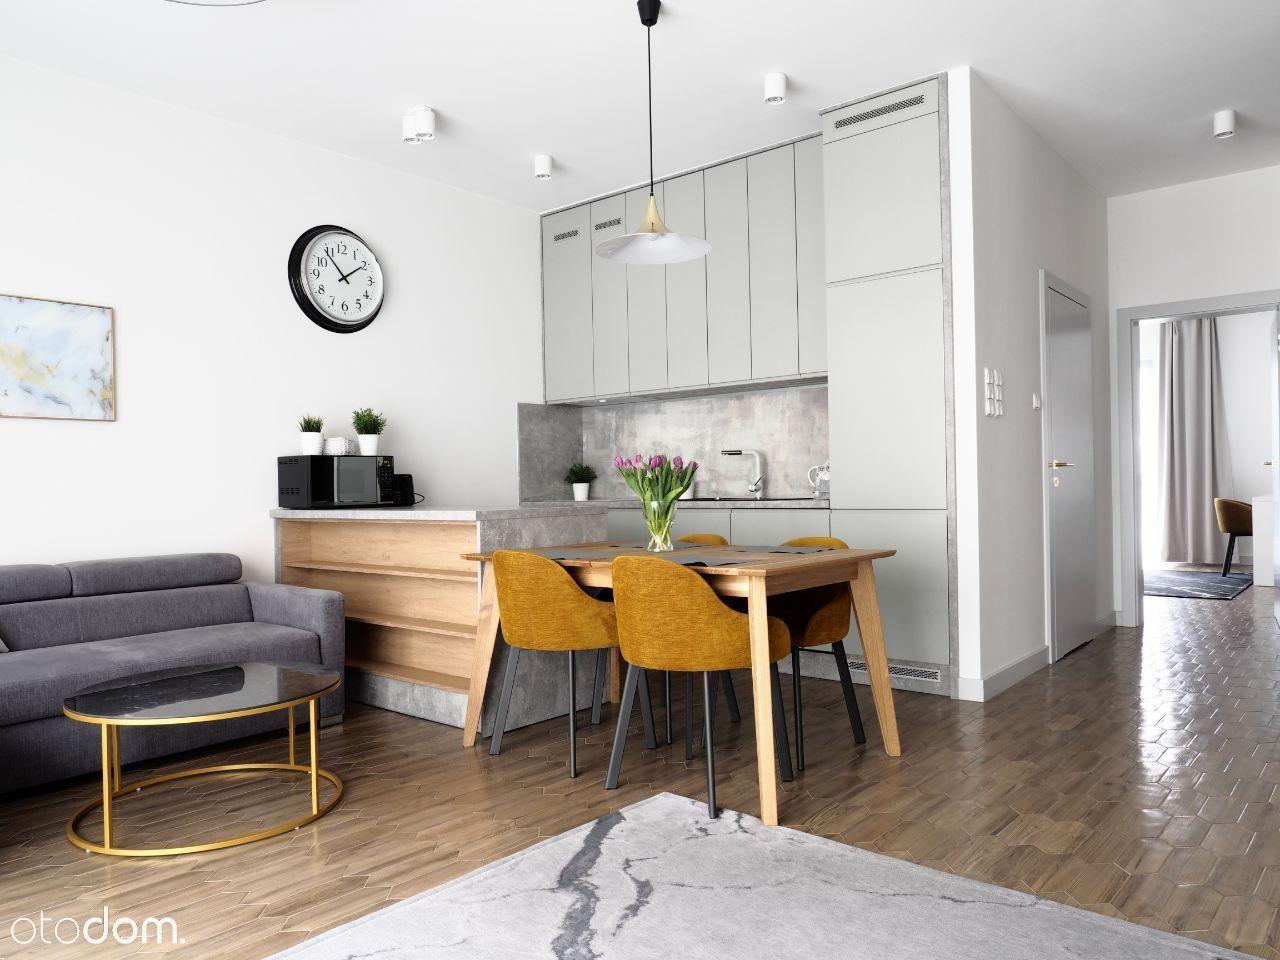 Apartament z 2019, 60m2, Centrum, Złota / Chmielna